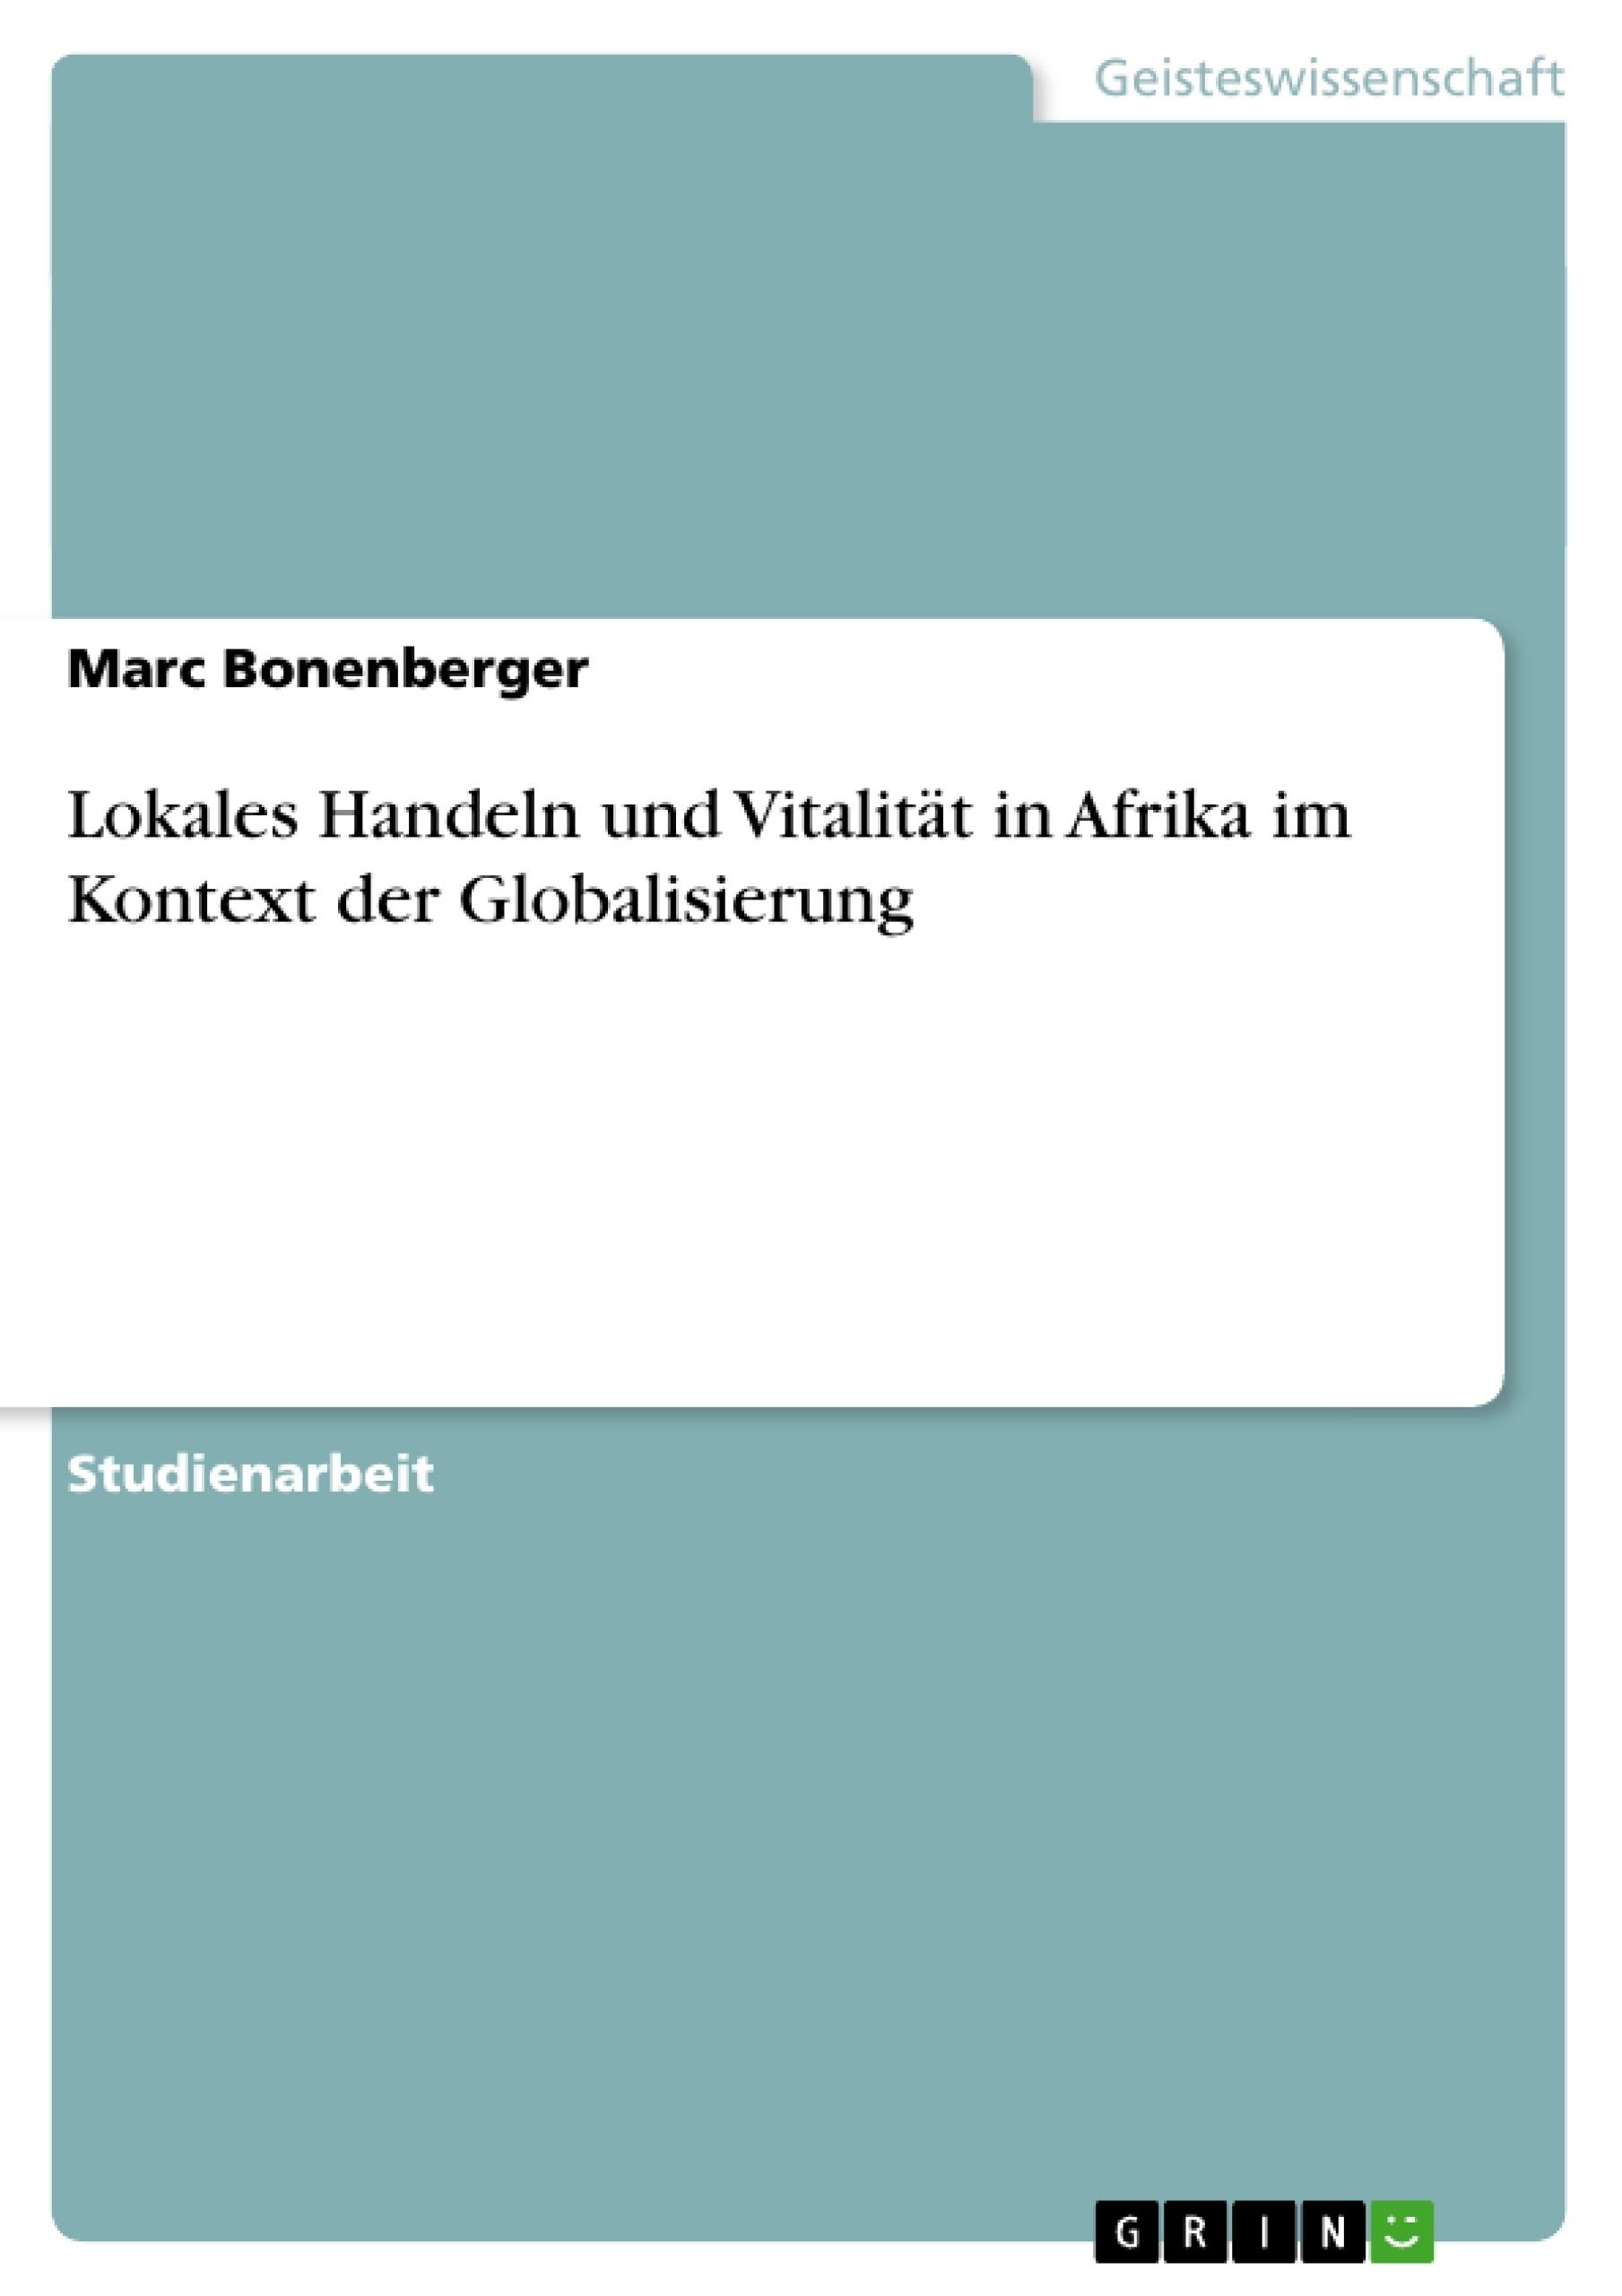 Titel: Lokales Handeln und Vitalität in Afrika im Kontext der Globalisierung